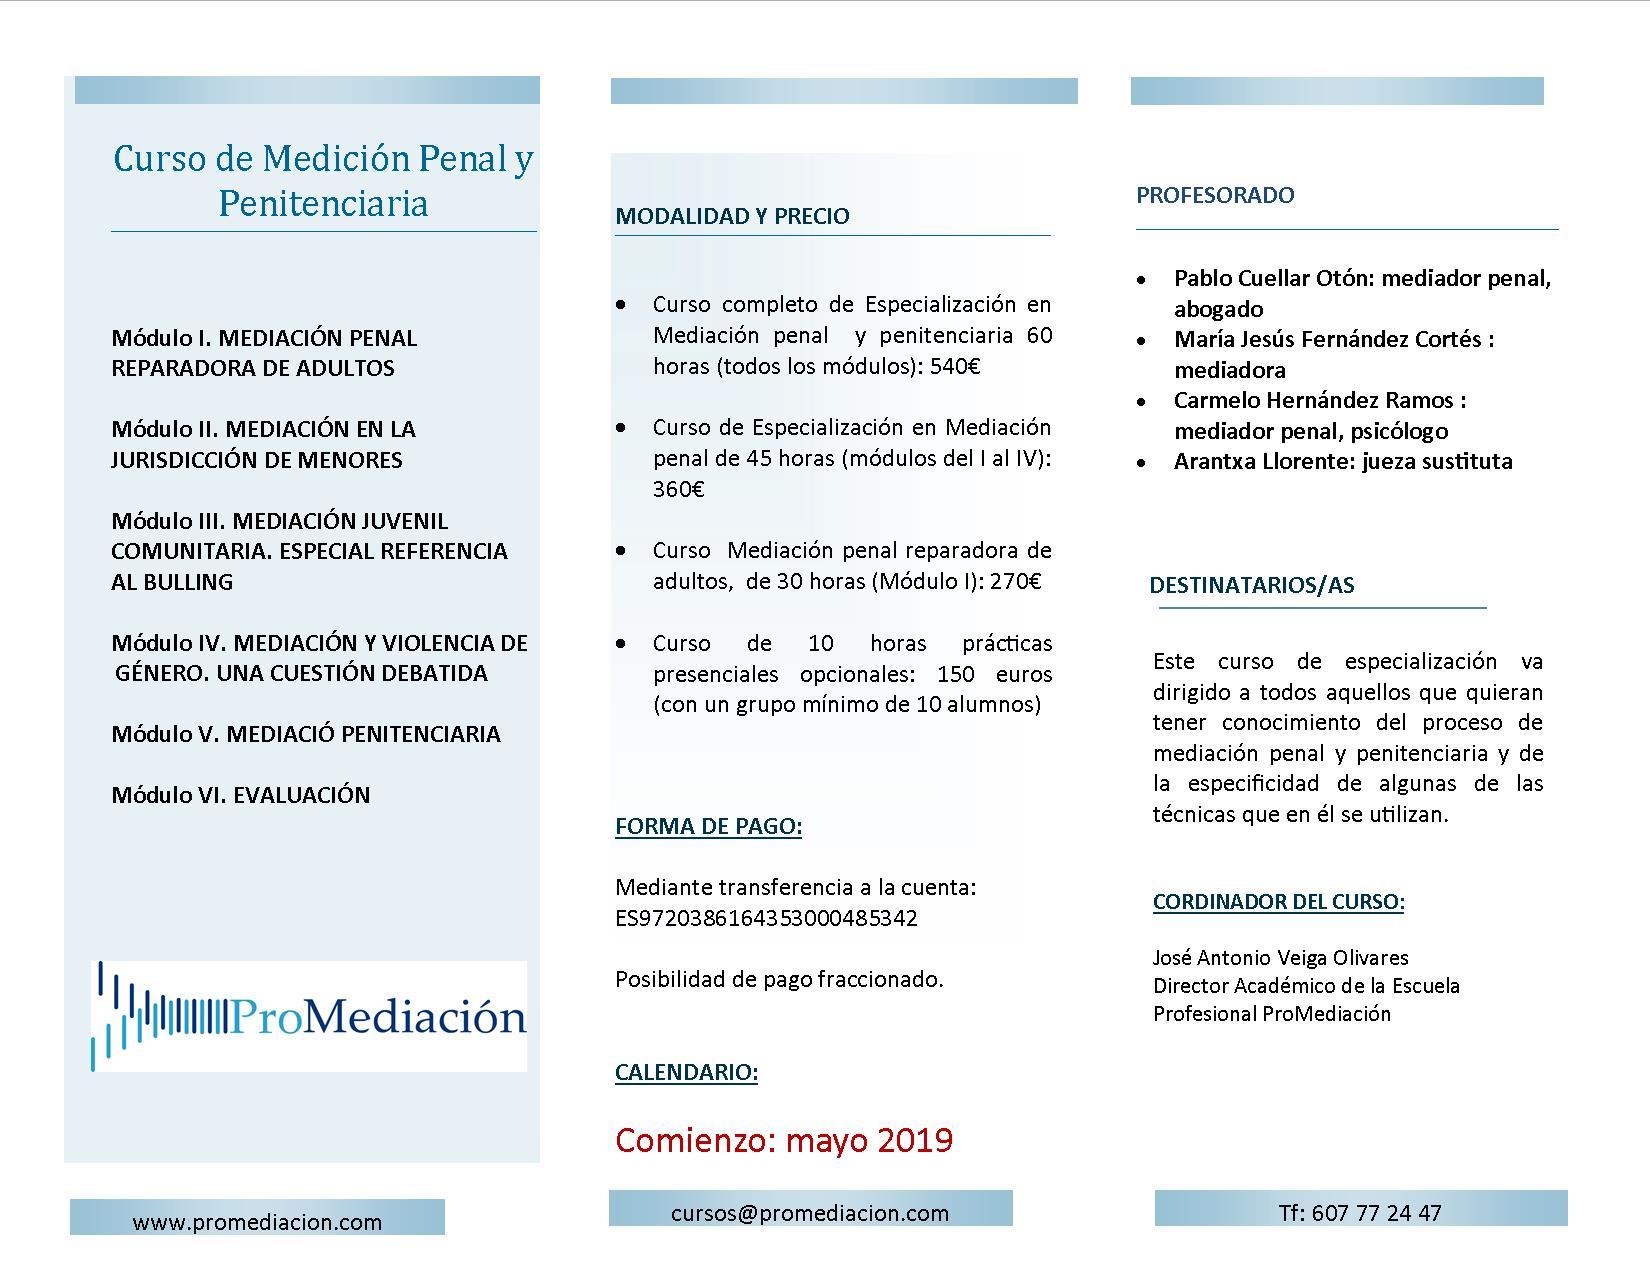 PUBLICIDAD CURSO PENAL - Mediación